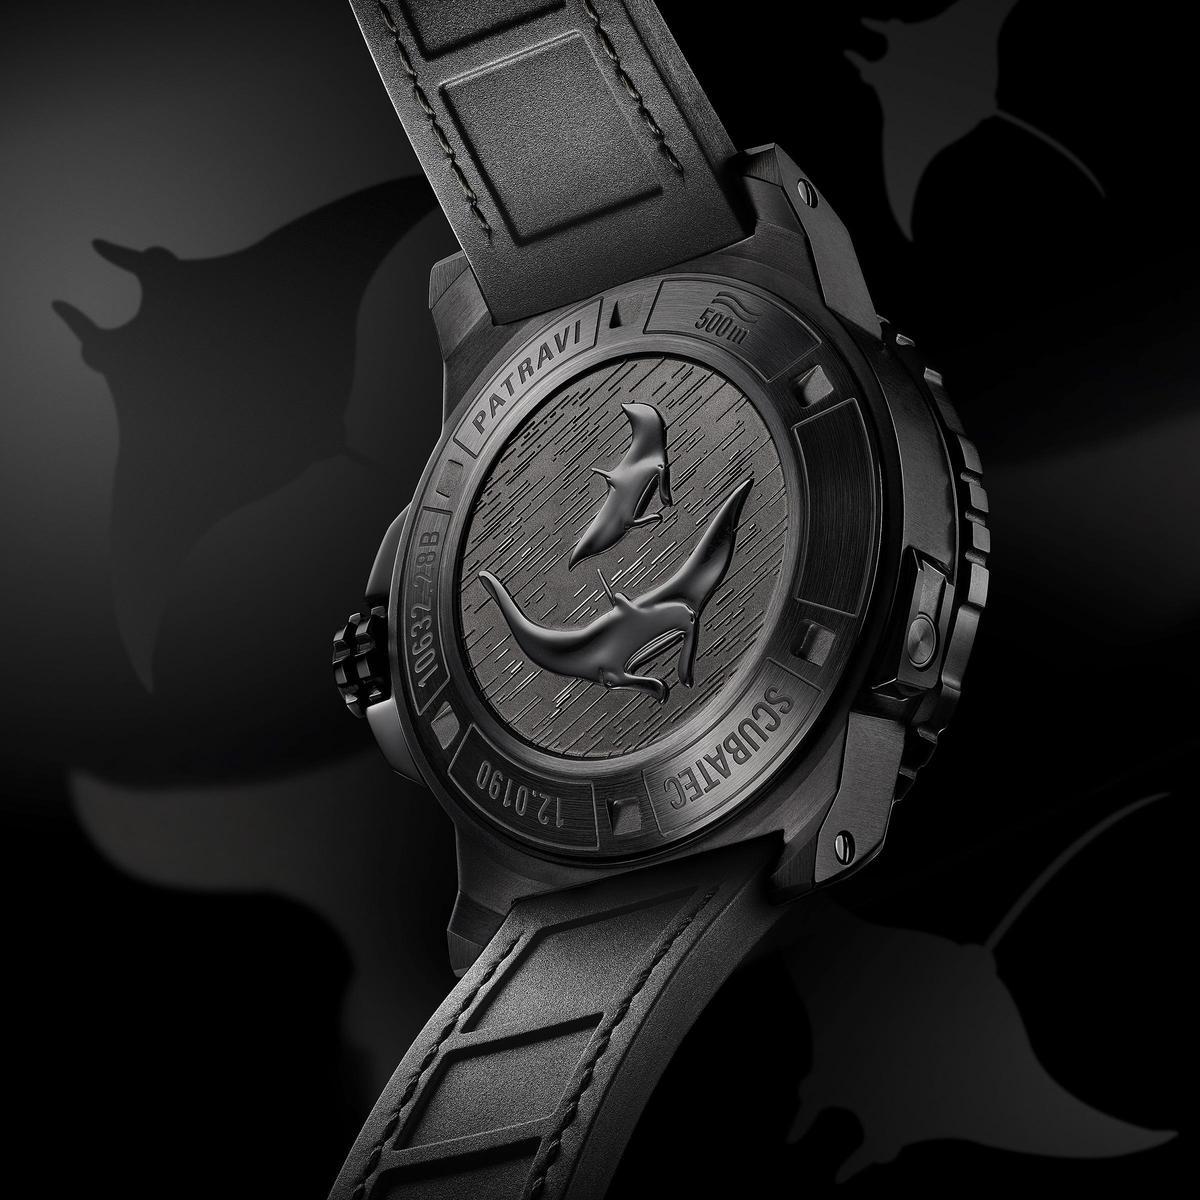 寶齊萊新款的柏拉維深潛腕錶碳黑版在後底蓋裝飾了魔鬼魚圖樣,此設計承襲自去年推出的黑魔鬼魚特別版。